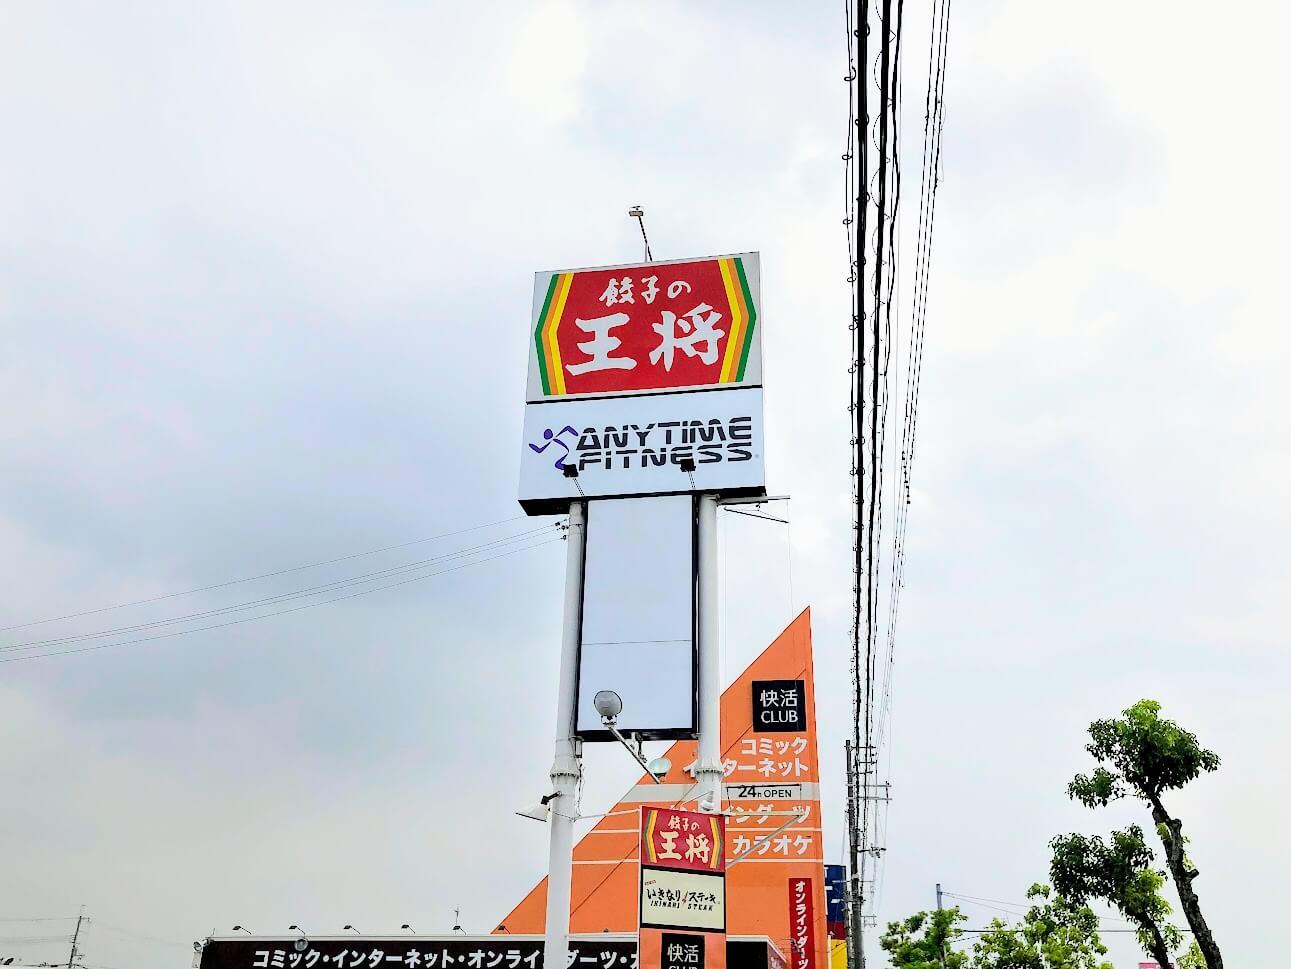 エニタイムフィットネス加古川店の看板